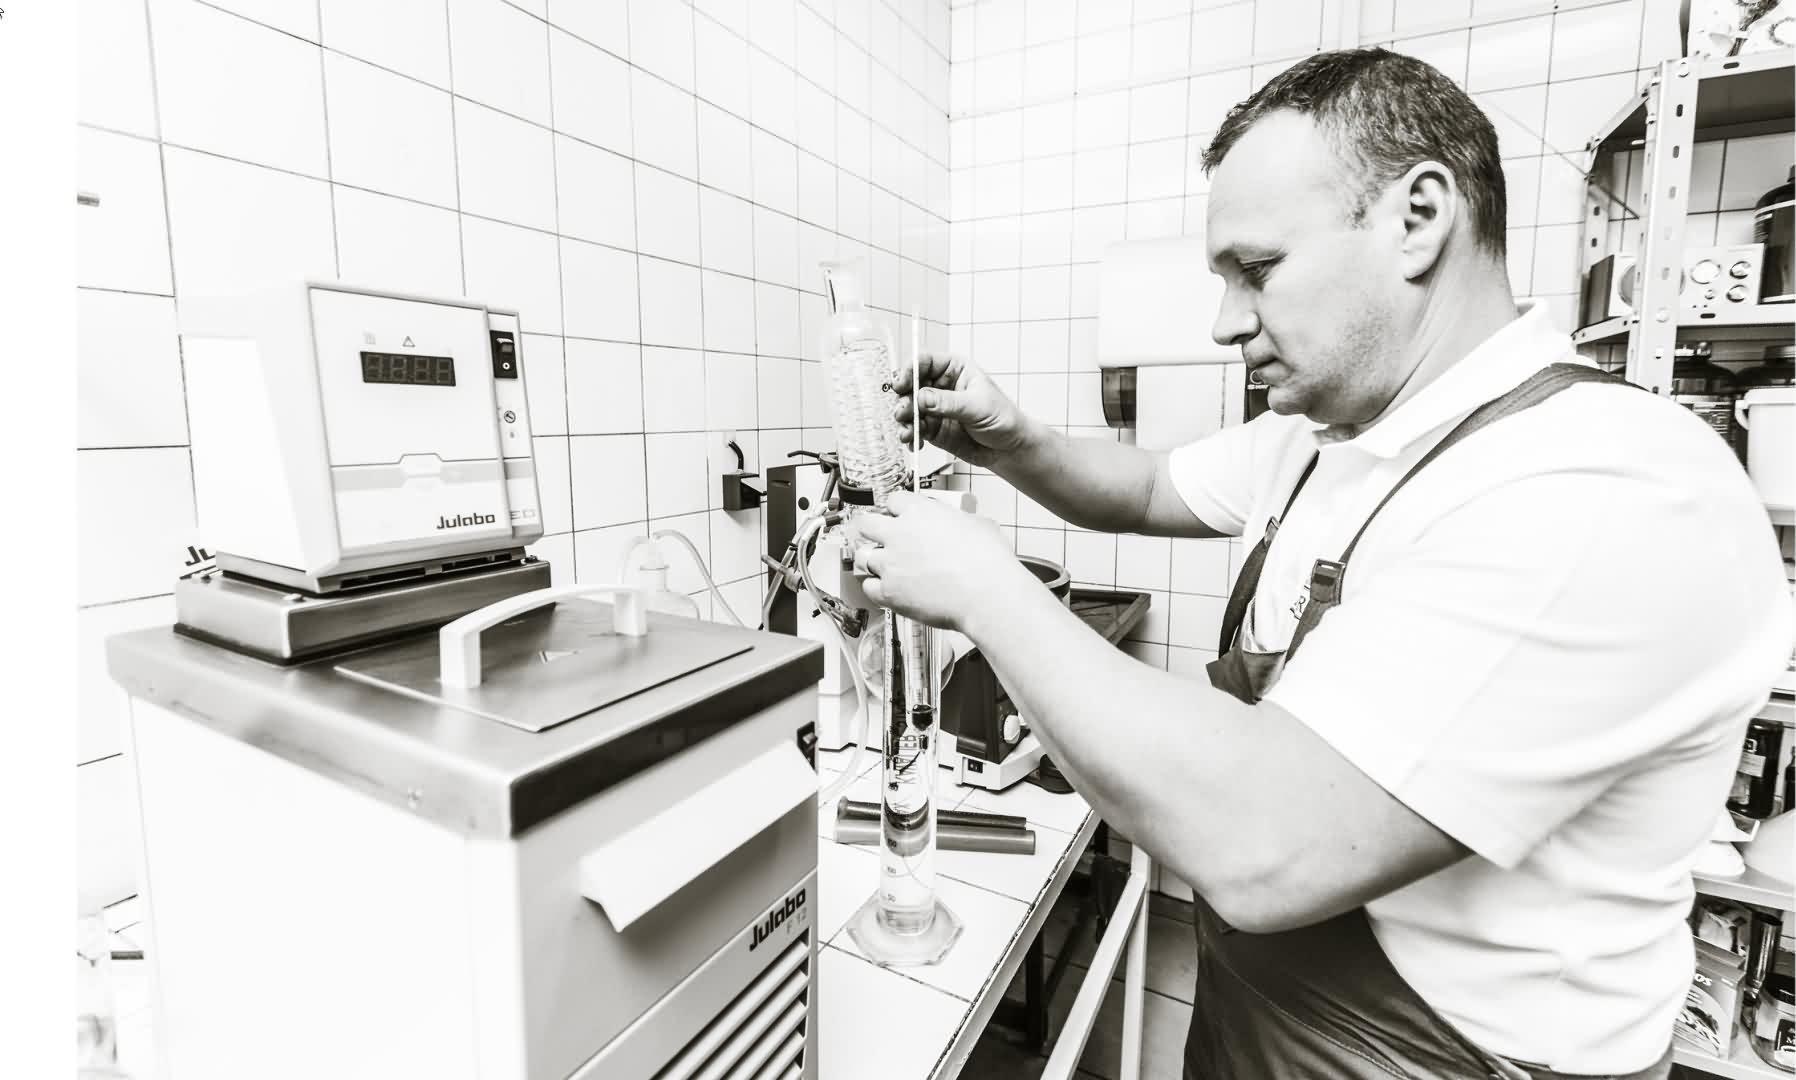 technolog liehoviny - Vanapo